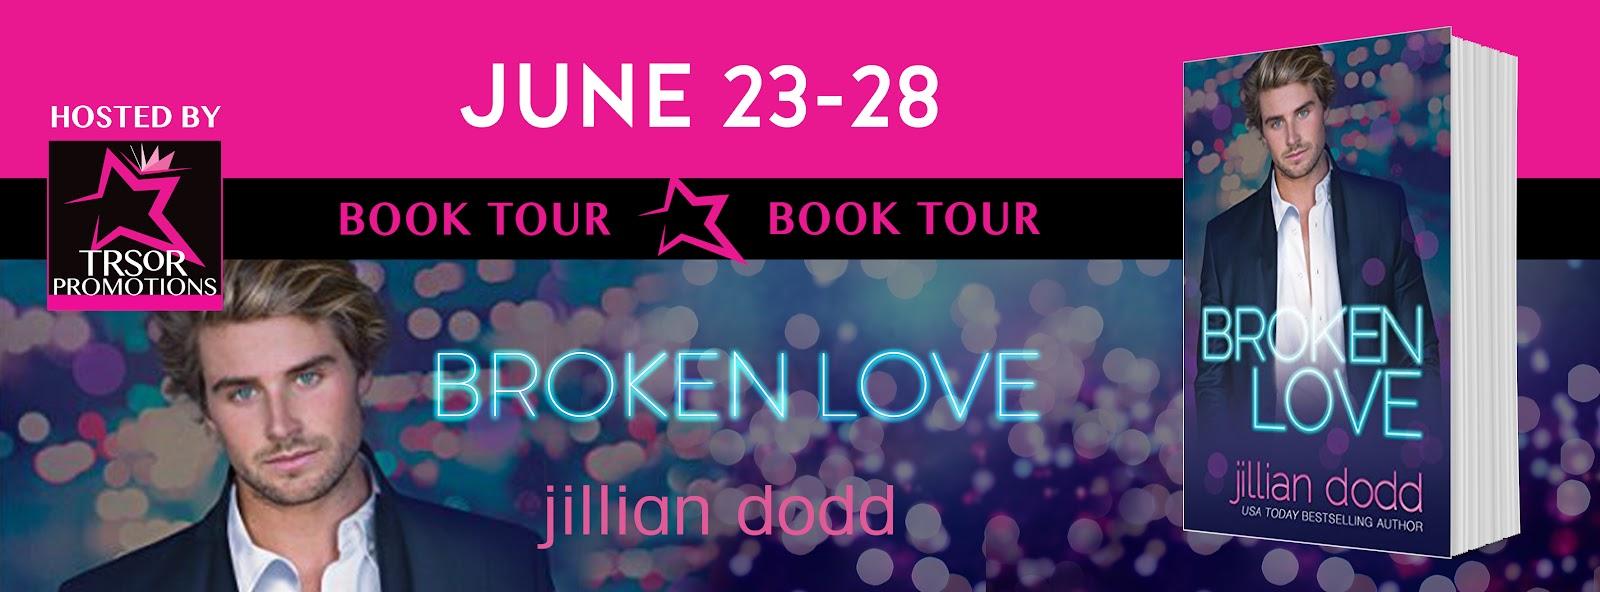 BROKEN_LOVE_BOOK_TOUR.jpg